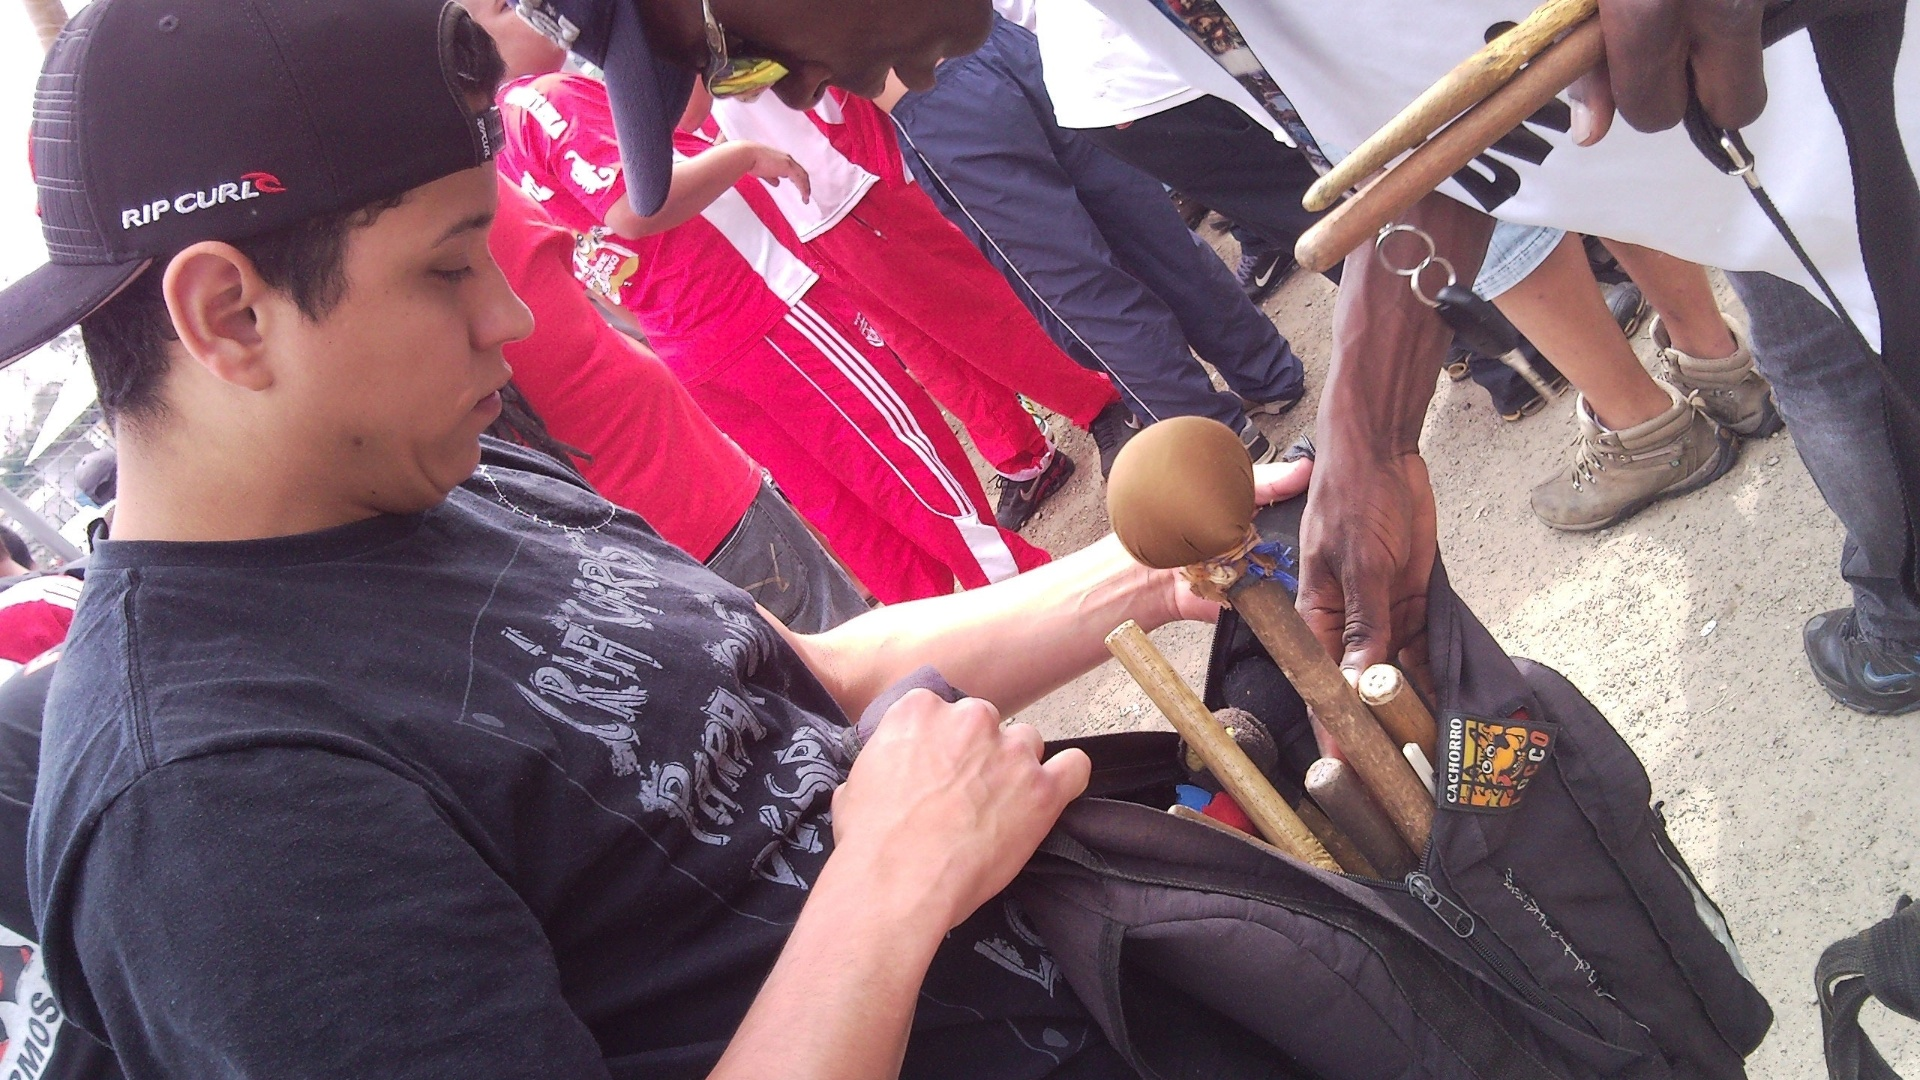 Mochila de baquetas: membro da bateria traz baquetas extras, para não faltar durante o jogo